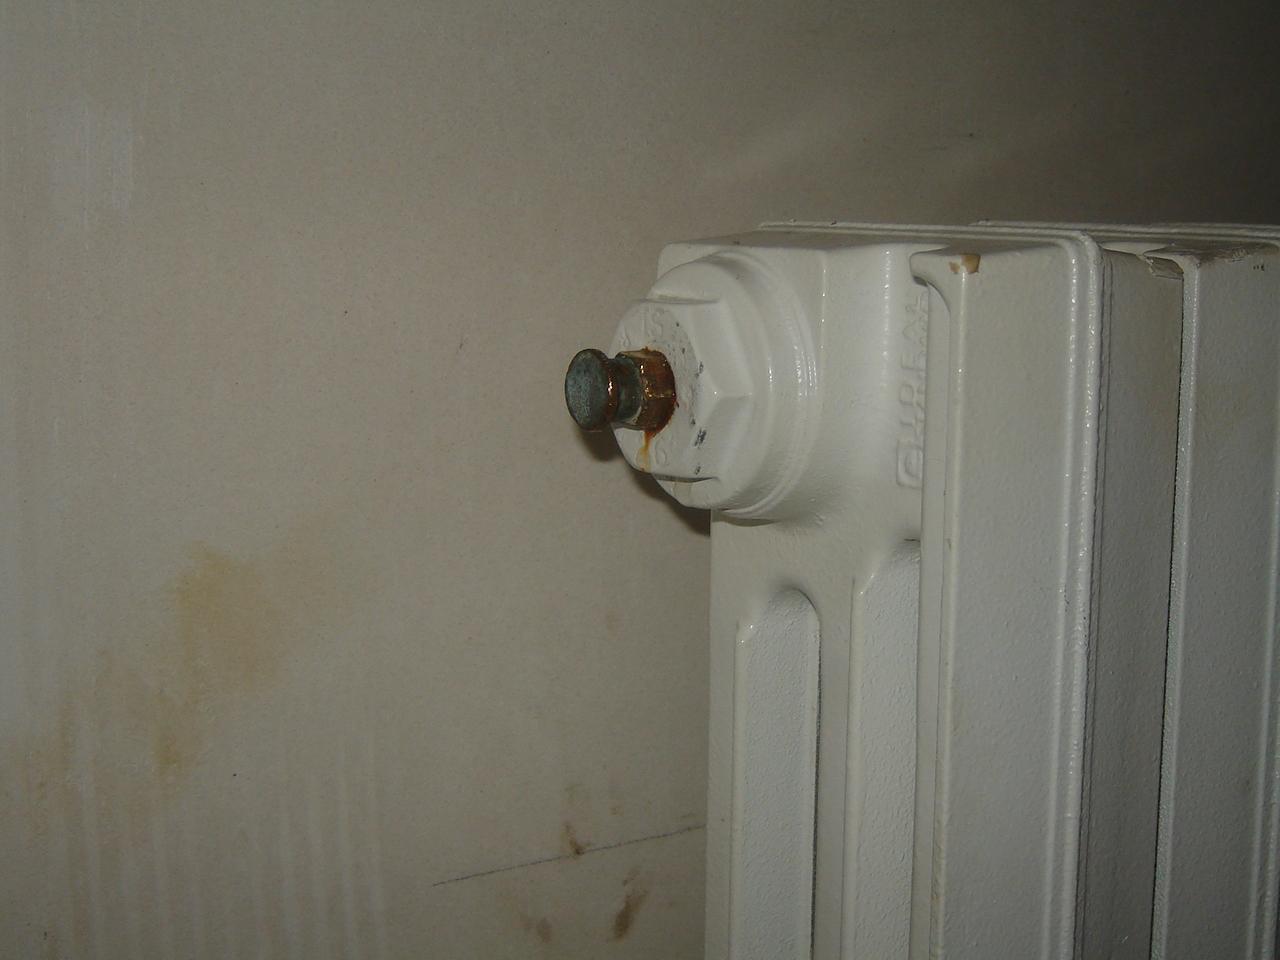 Vis de purge cass e sur radiateur fonte - Pied pour radiateur en fonte ...